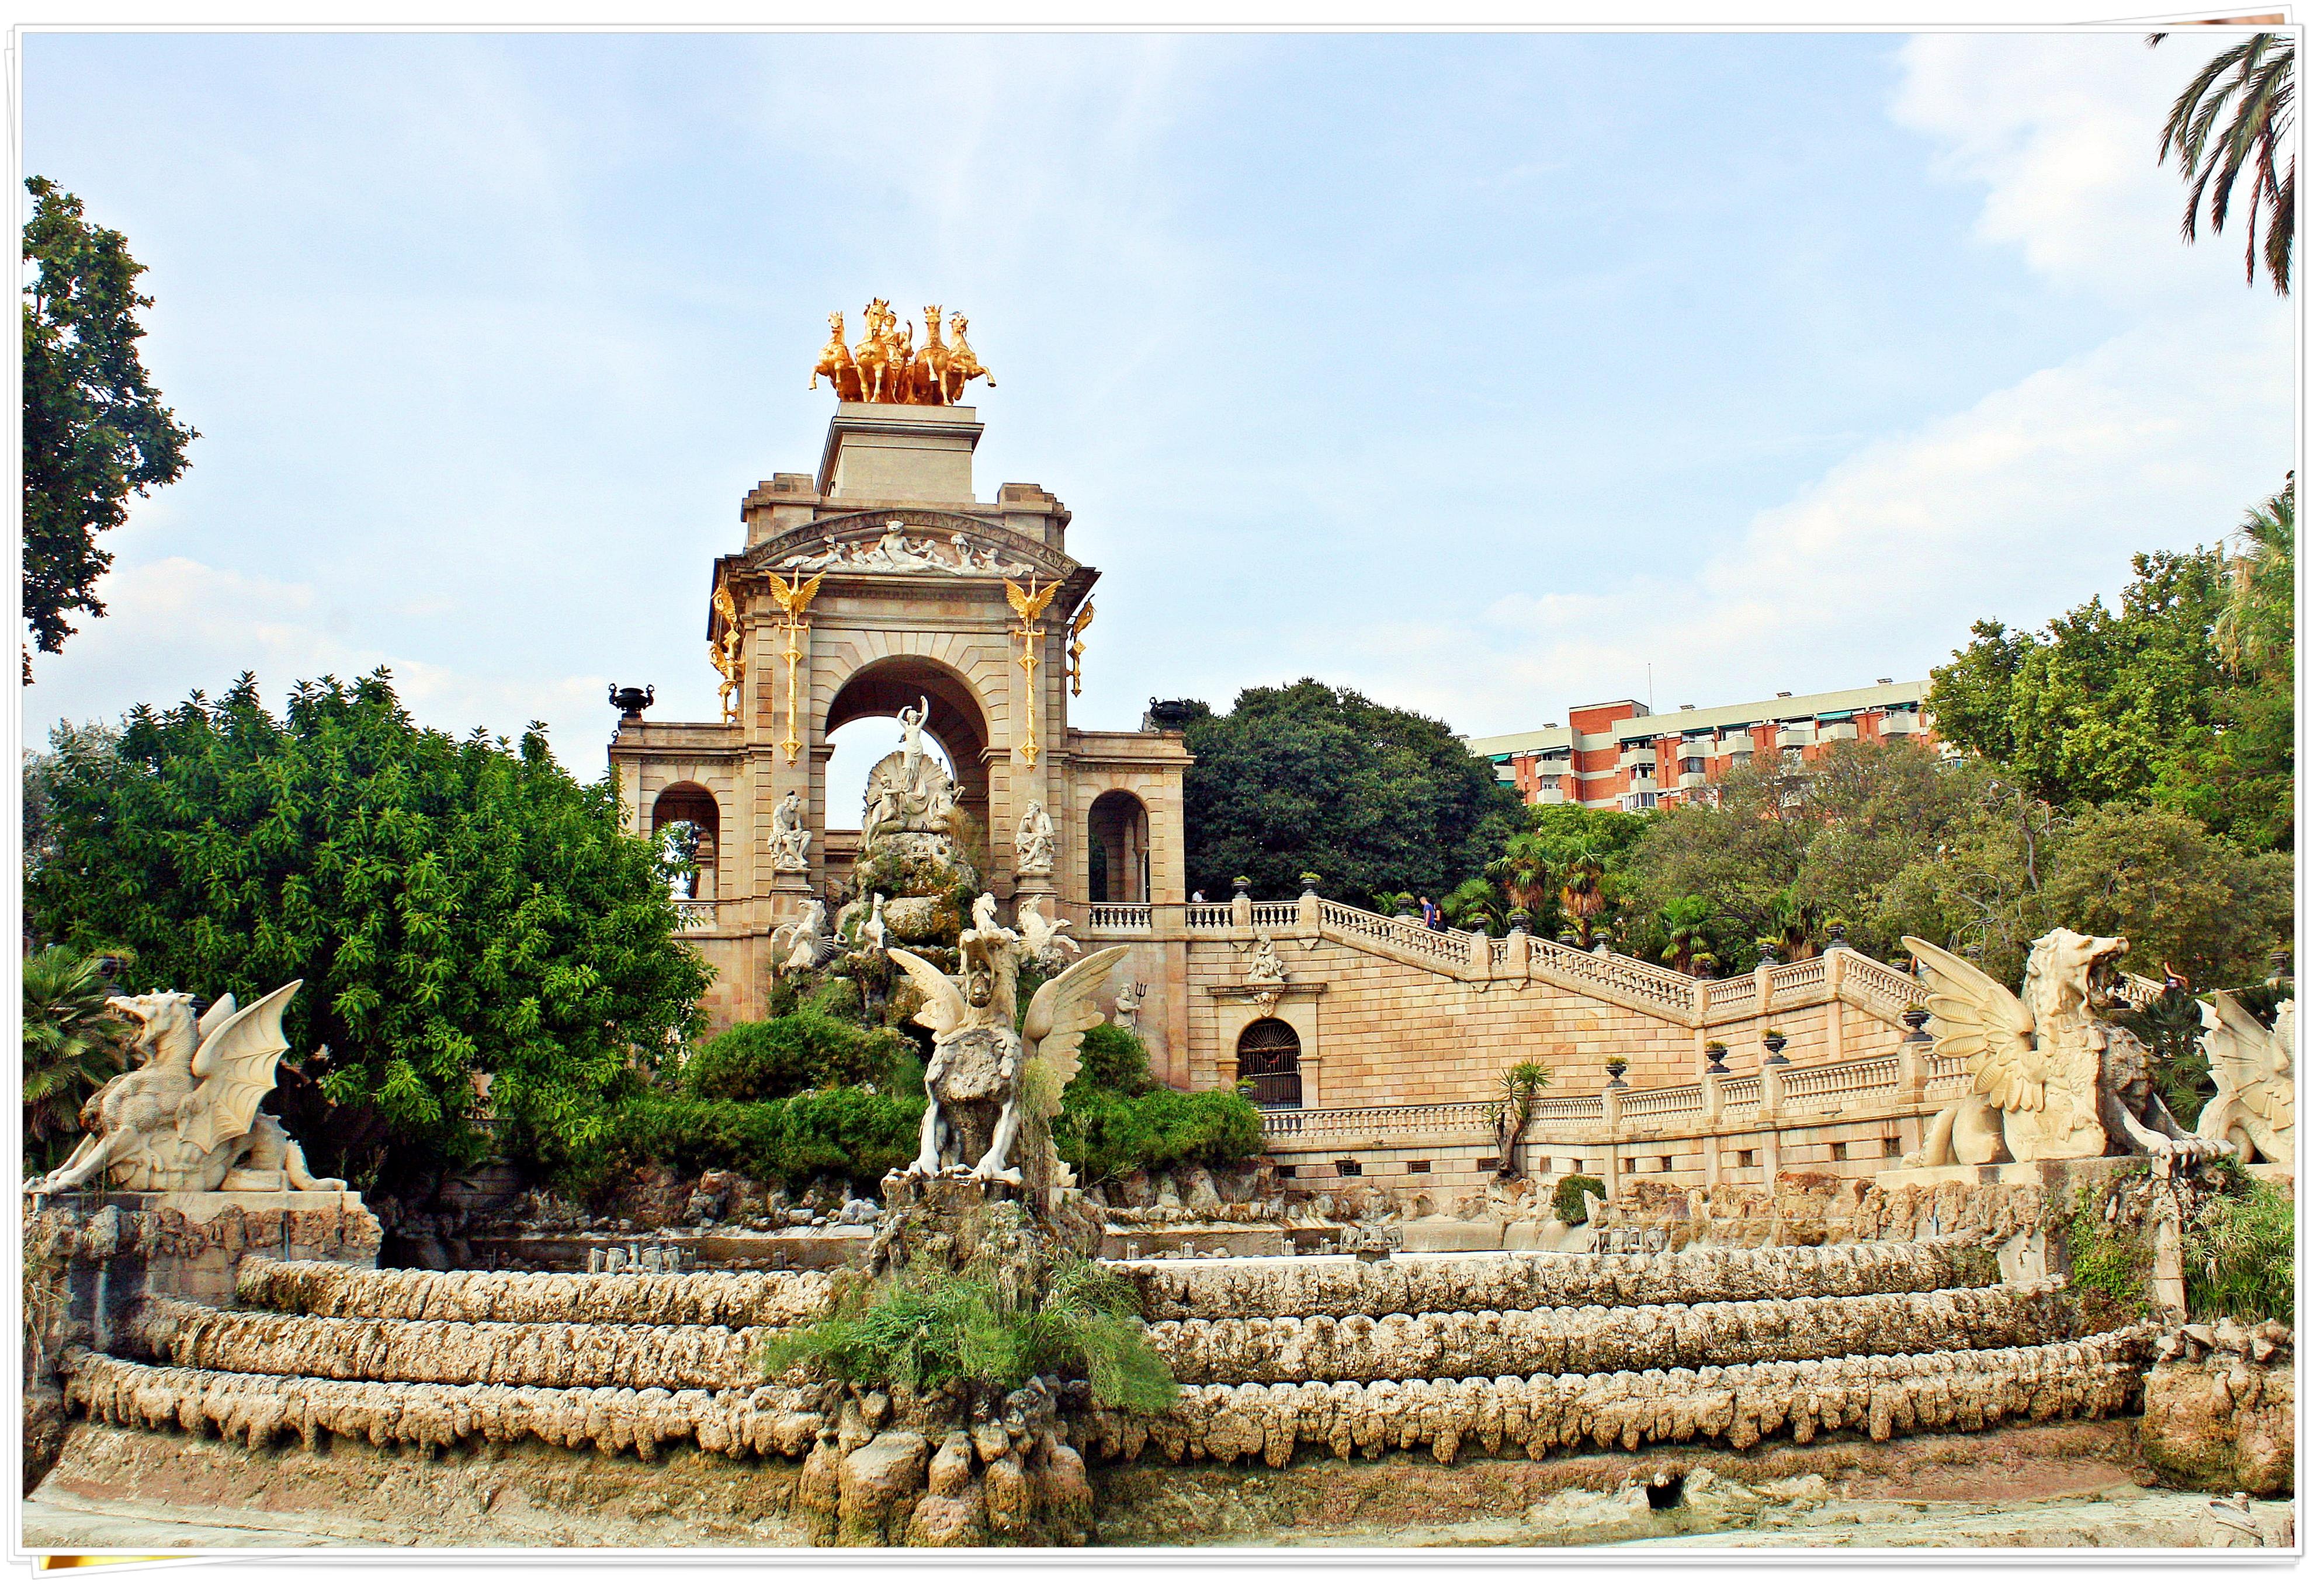 Parque de la Ciudadela - Barcelona, Spain 2013